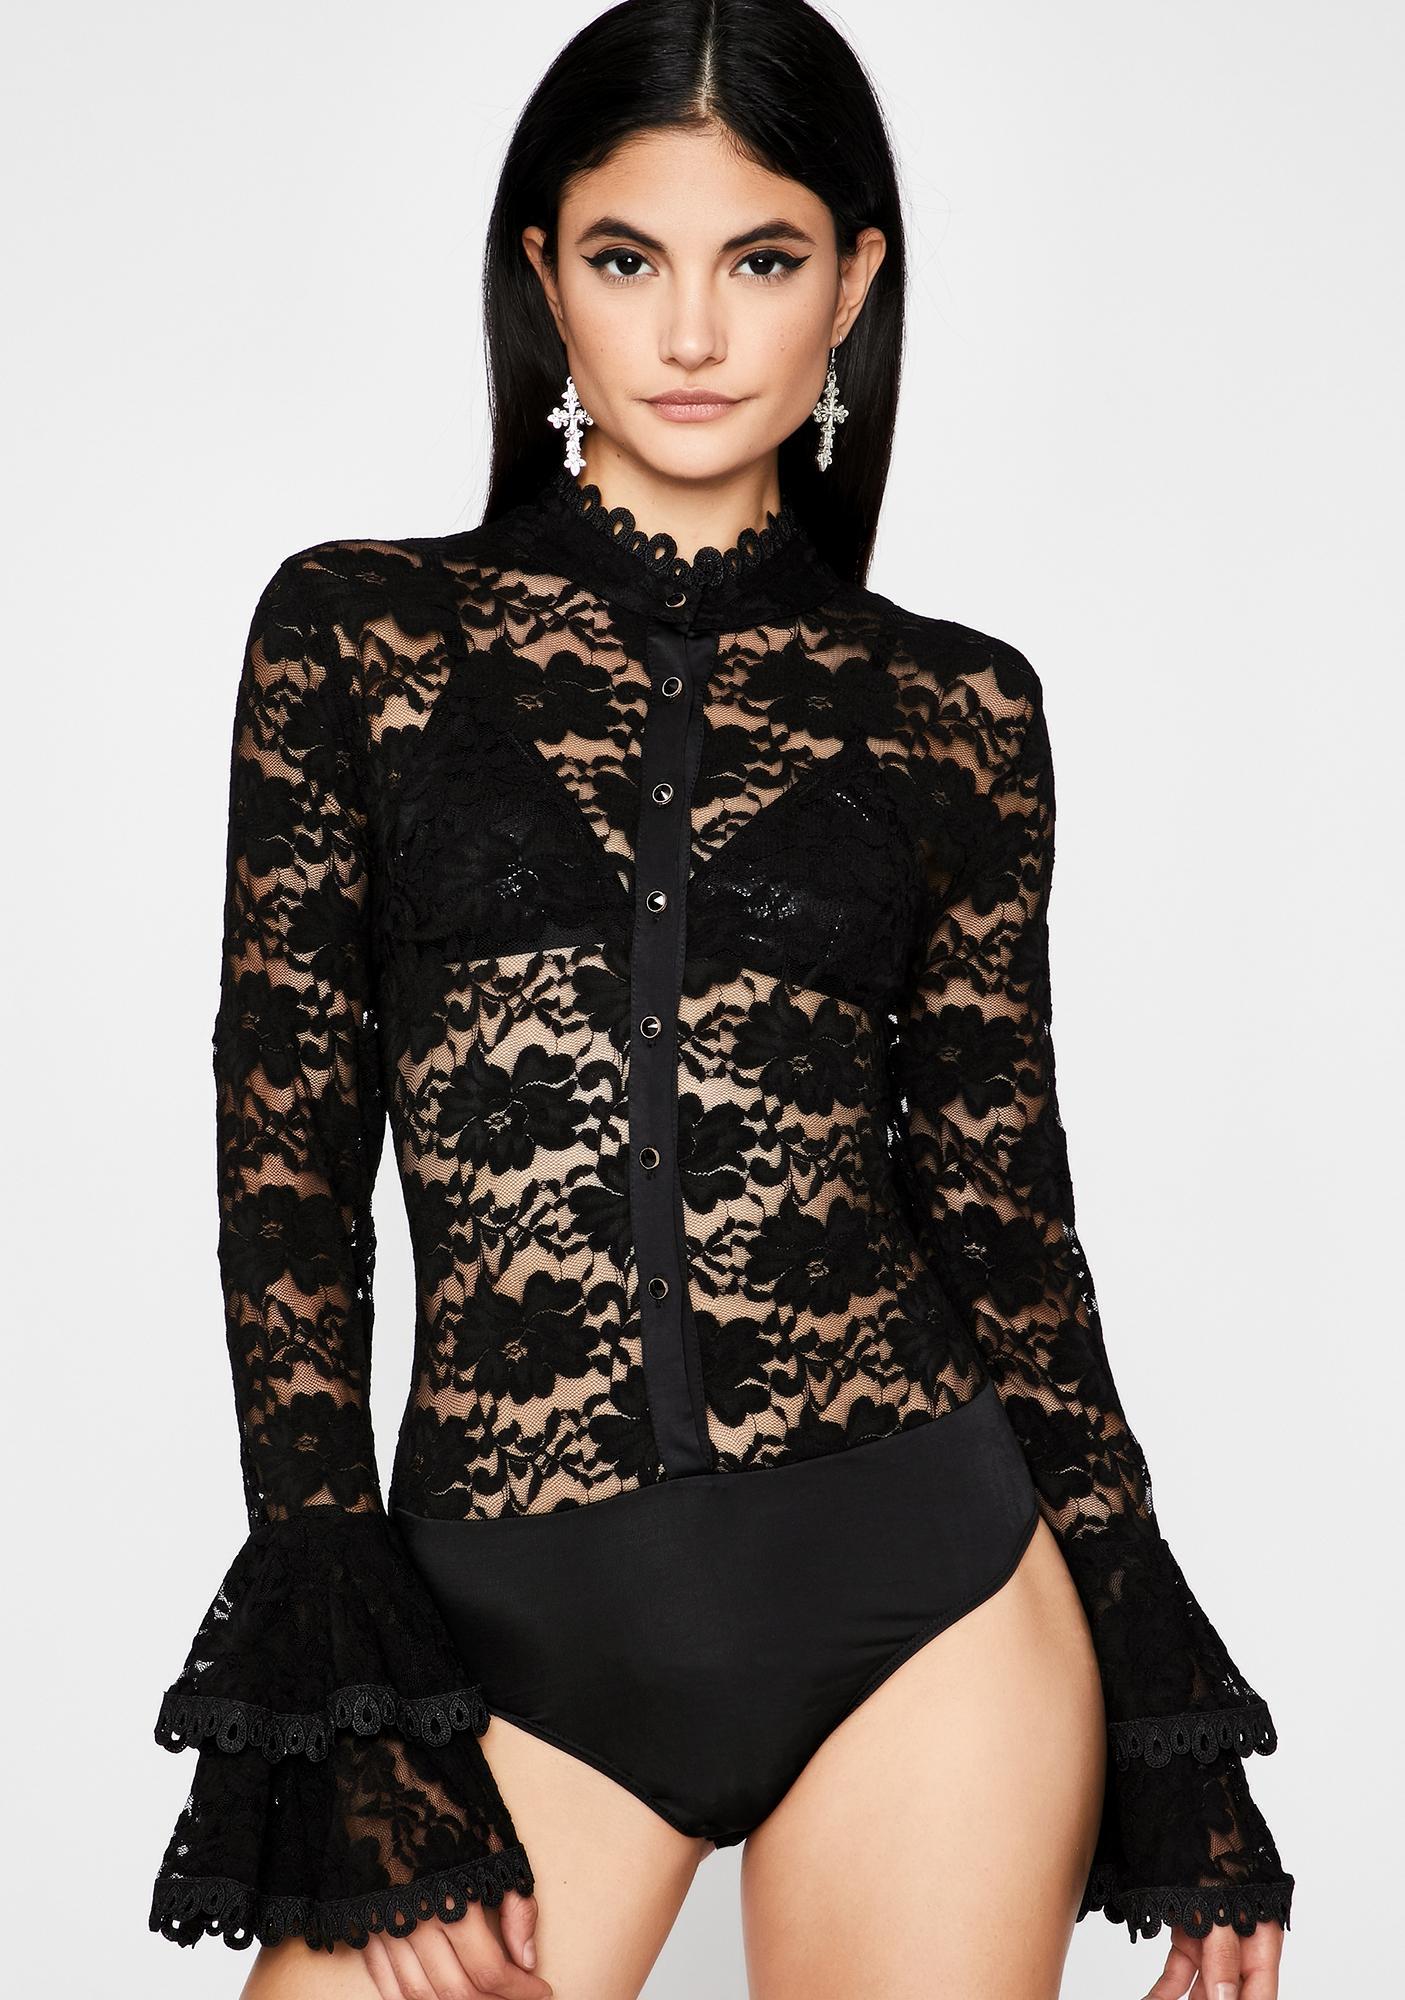 Freaq Mystique Lace Bodysuit